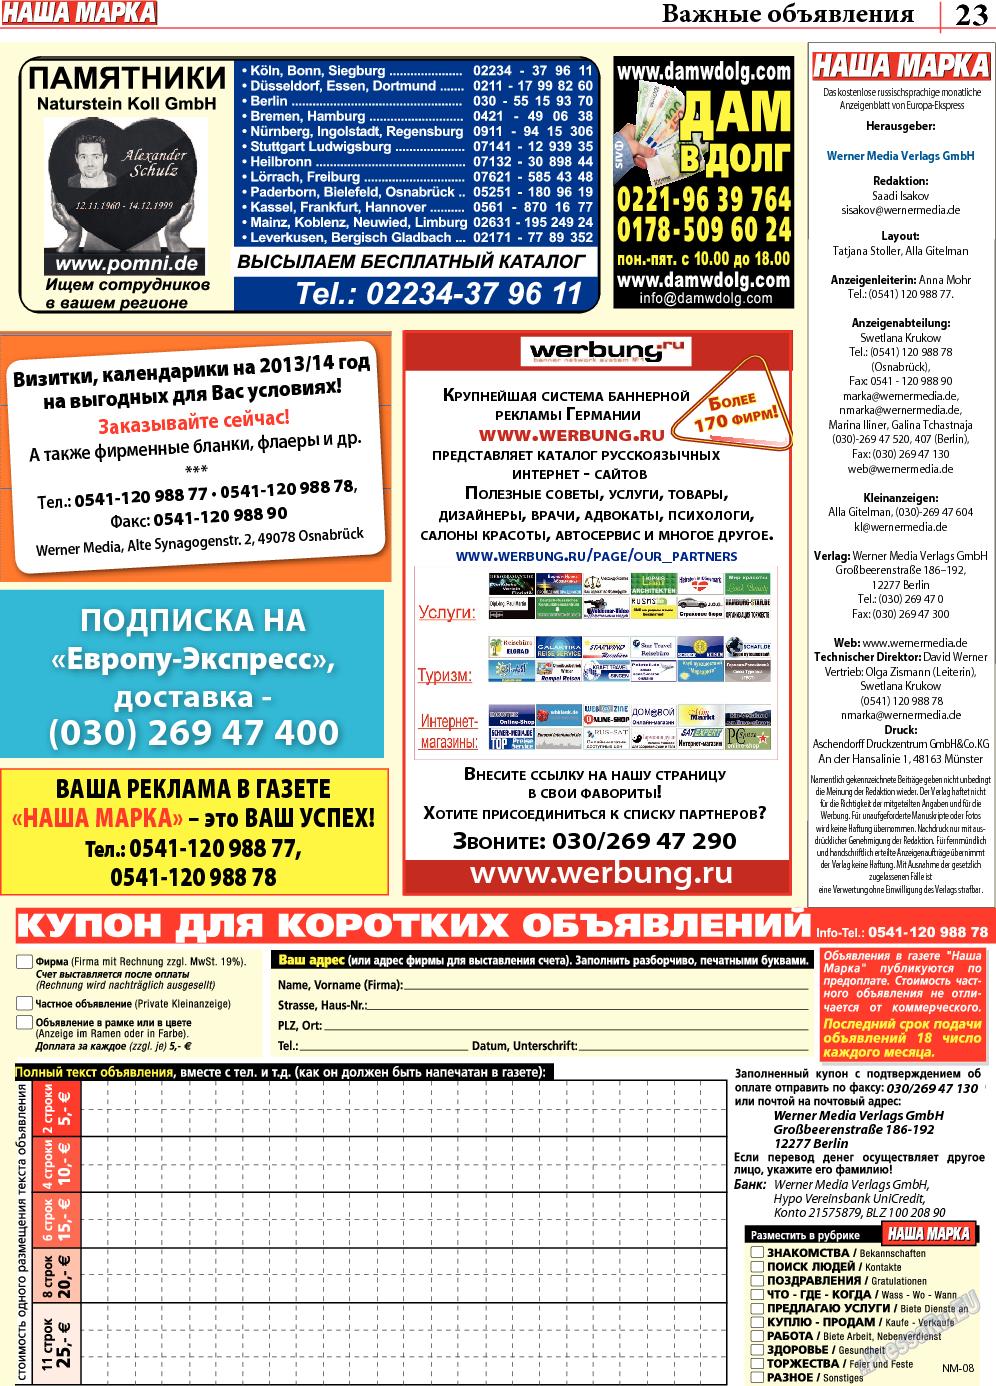 Наша марка (газета). 2013 год, номер 9, стр. 23